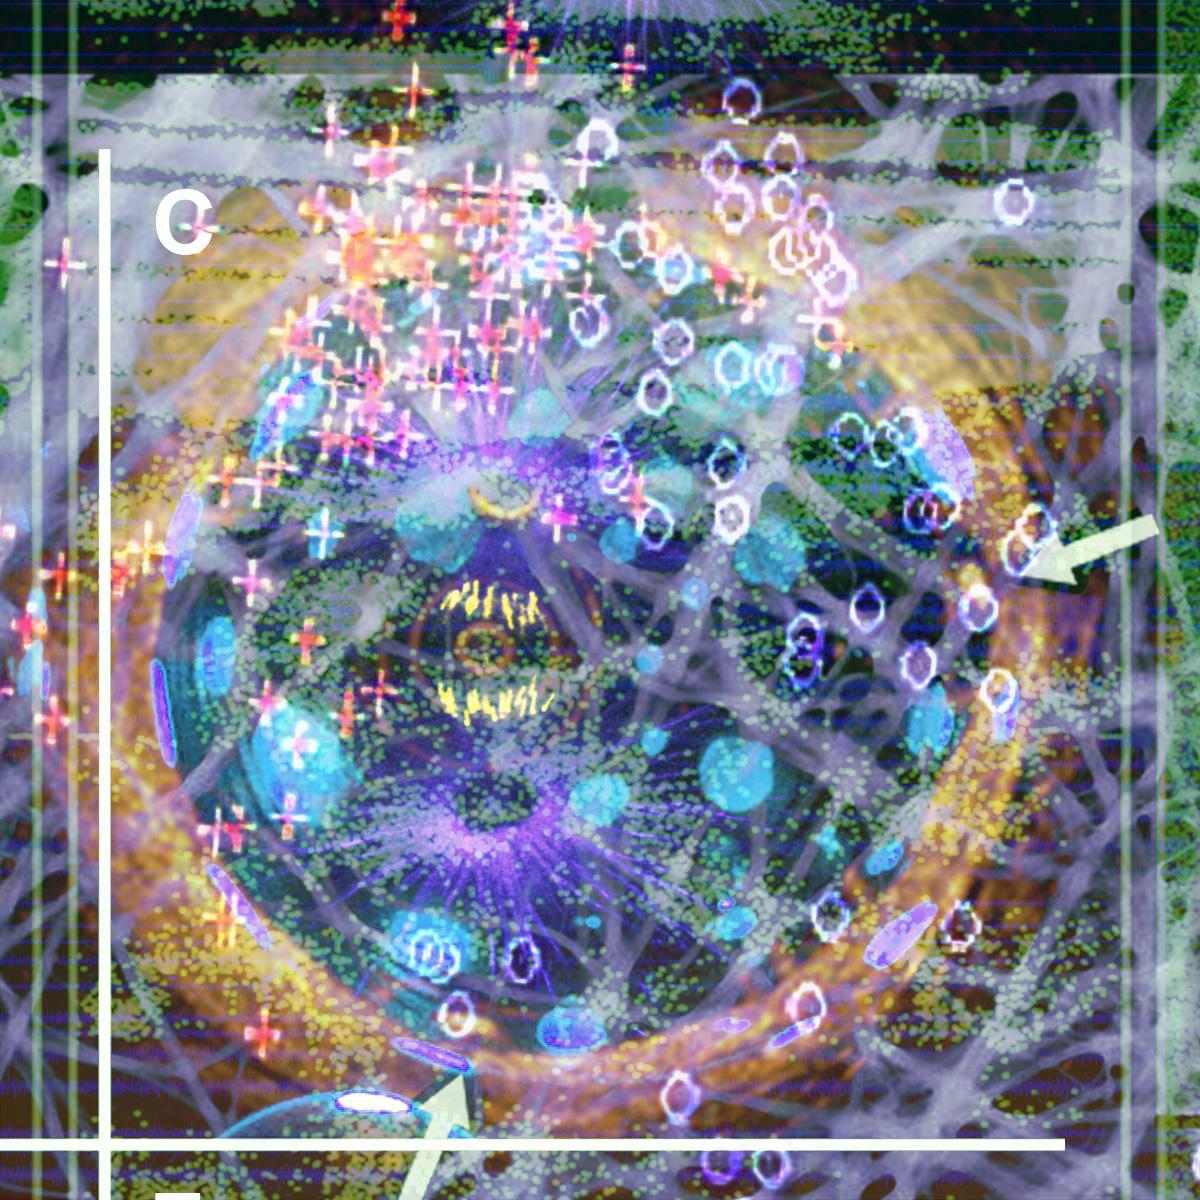 48_combos_023_48es copy.jpg